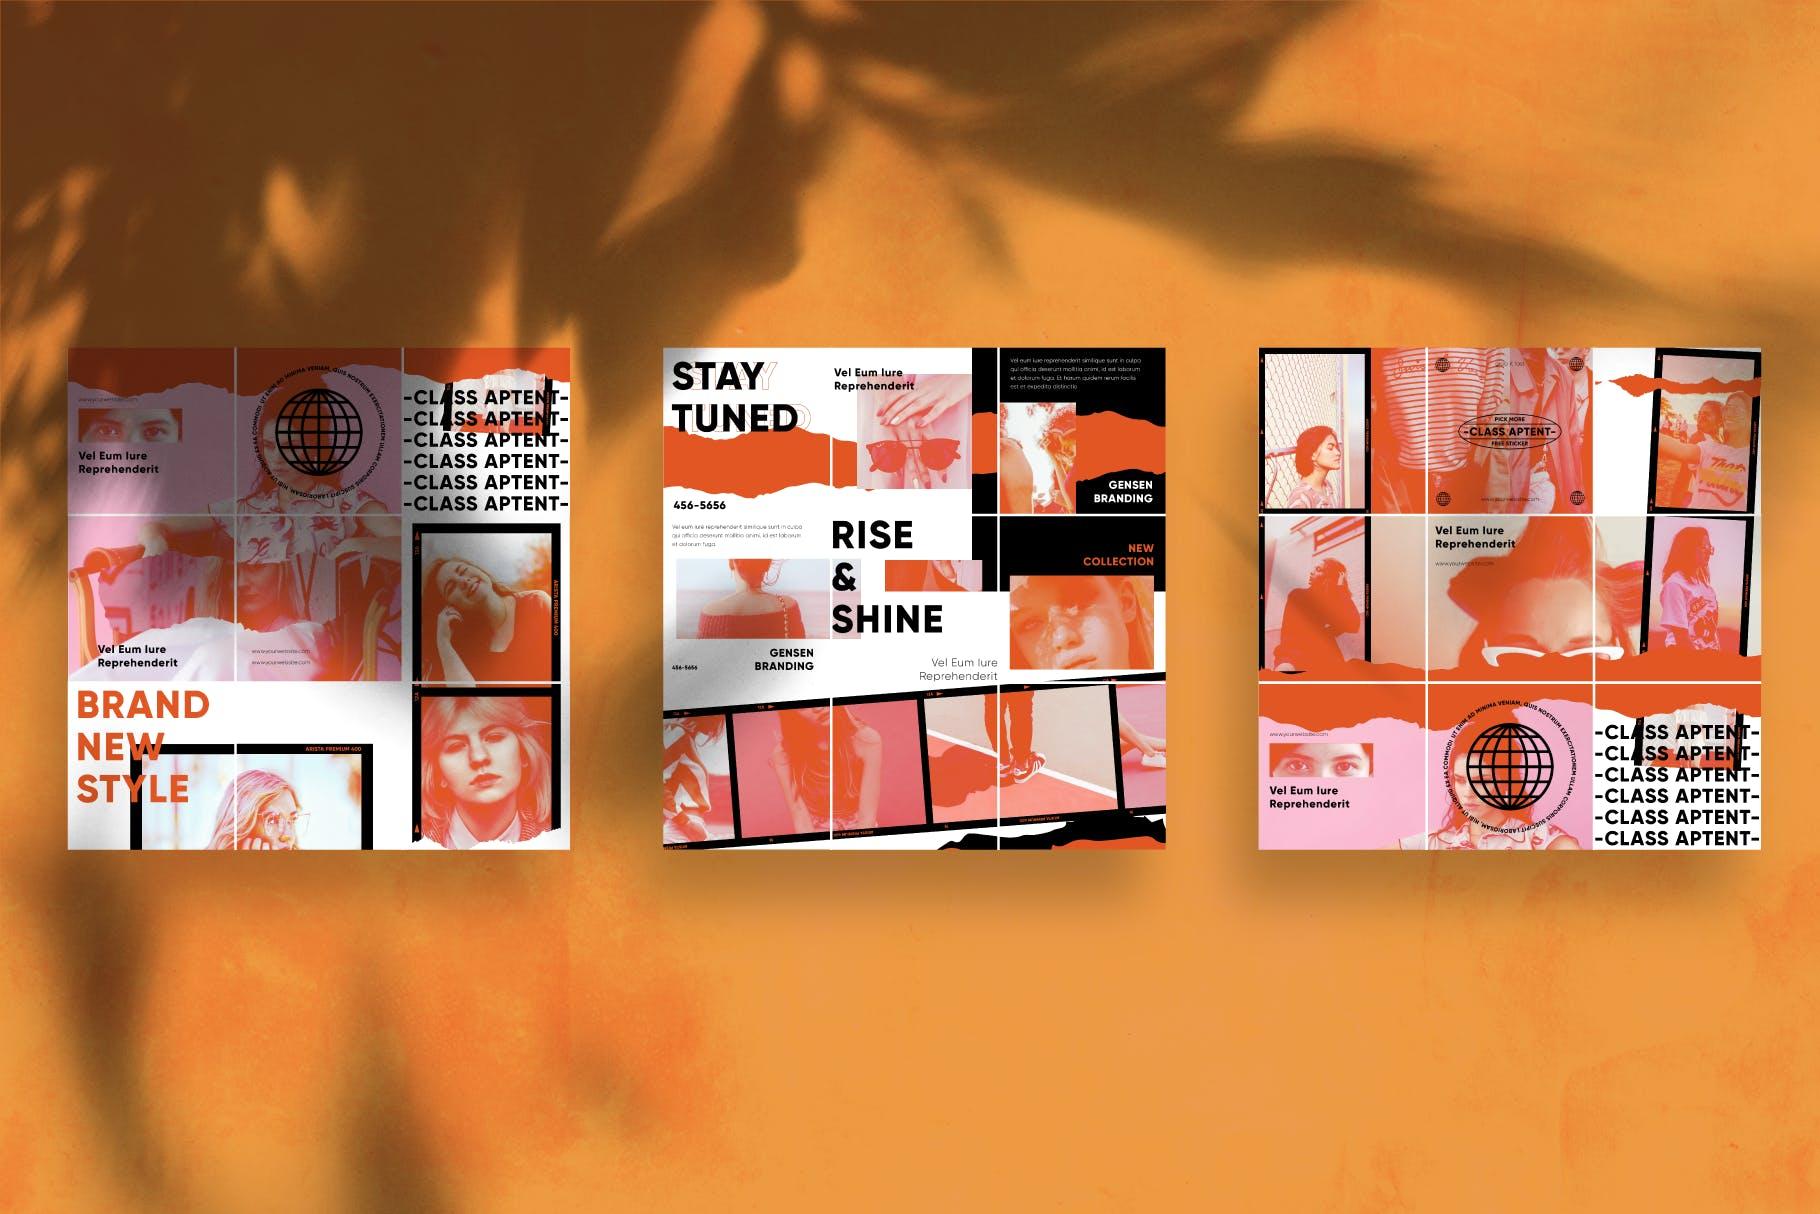 现代拼图效果新媒体推广电商海报设计模板 Gensen – Instagram Puzzle Template插图(2)